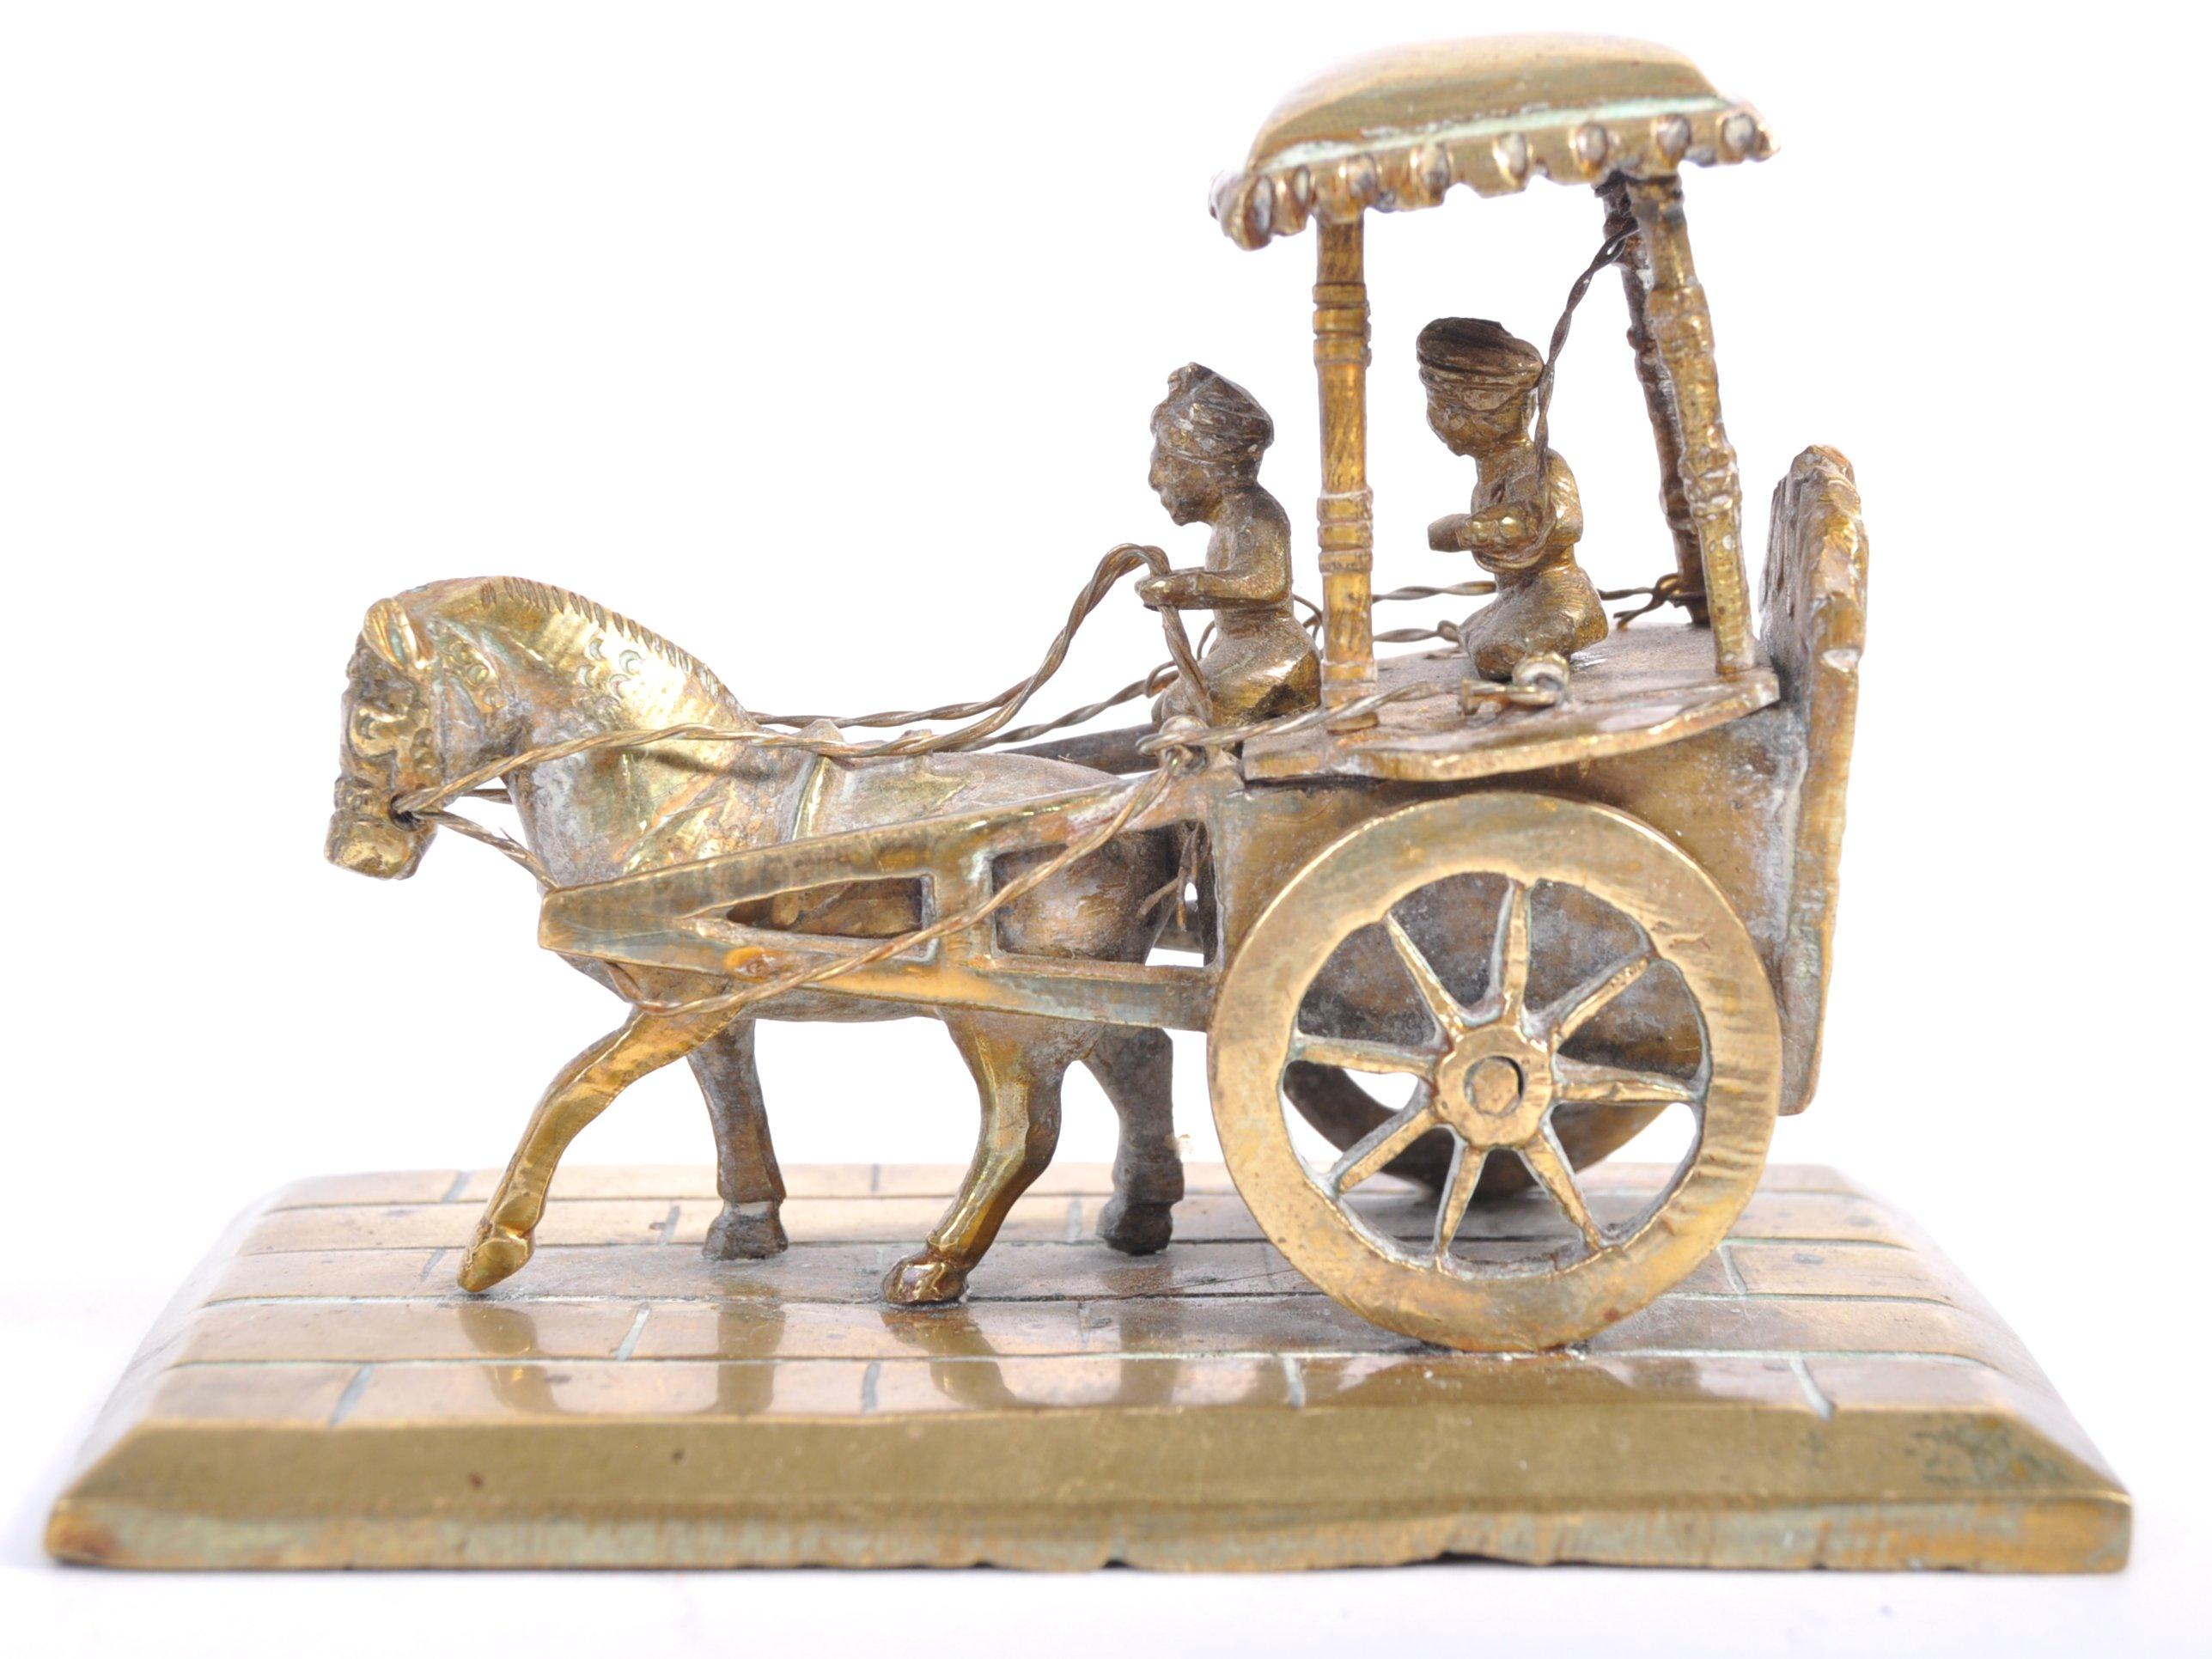 Lot 32 - RARE 19TH CENTURY INDIAN BRONZE TEMPLE LASKSHMI ALTAR PIECE